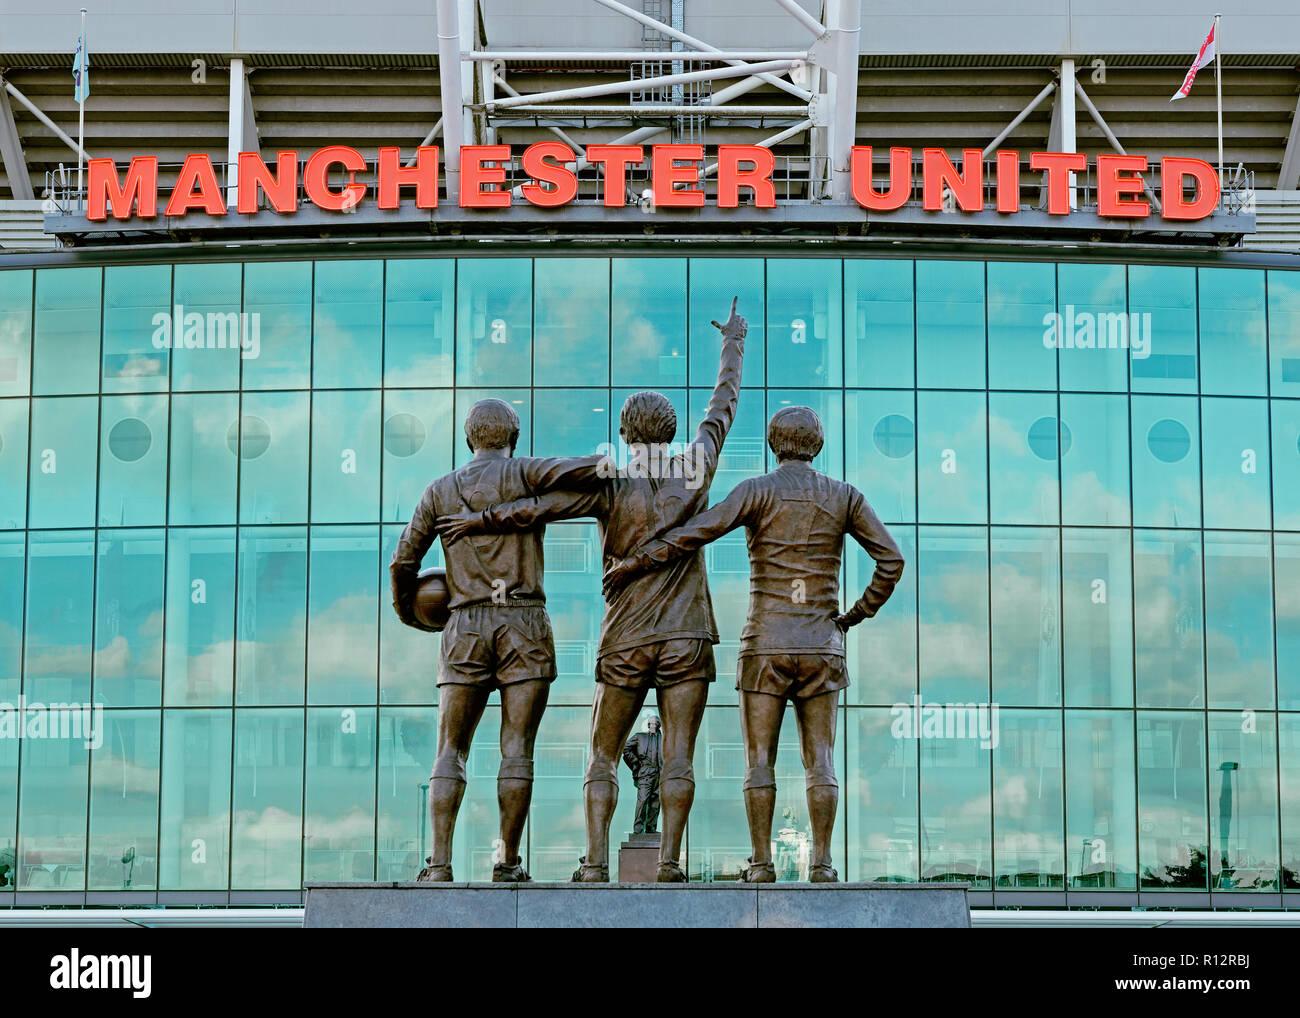 Das Old Trafford Stadium, die Heimat von Manchester United Football Club, England, Vereinigtes Königreich Stockbild